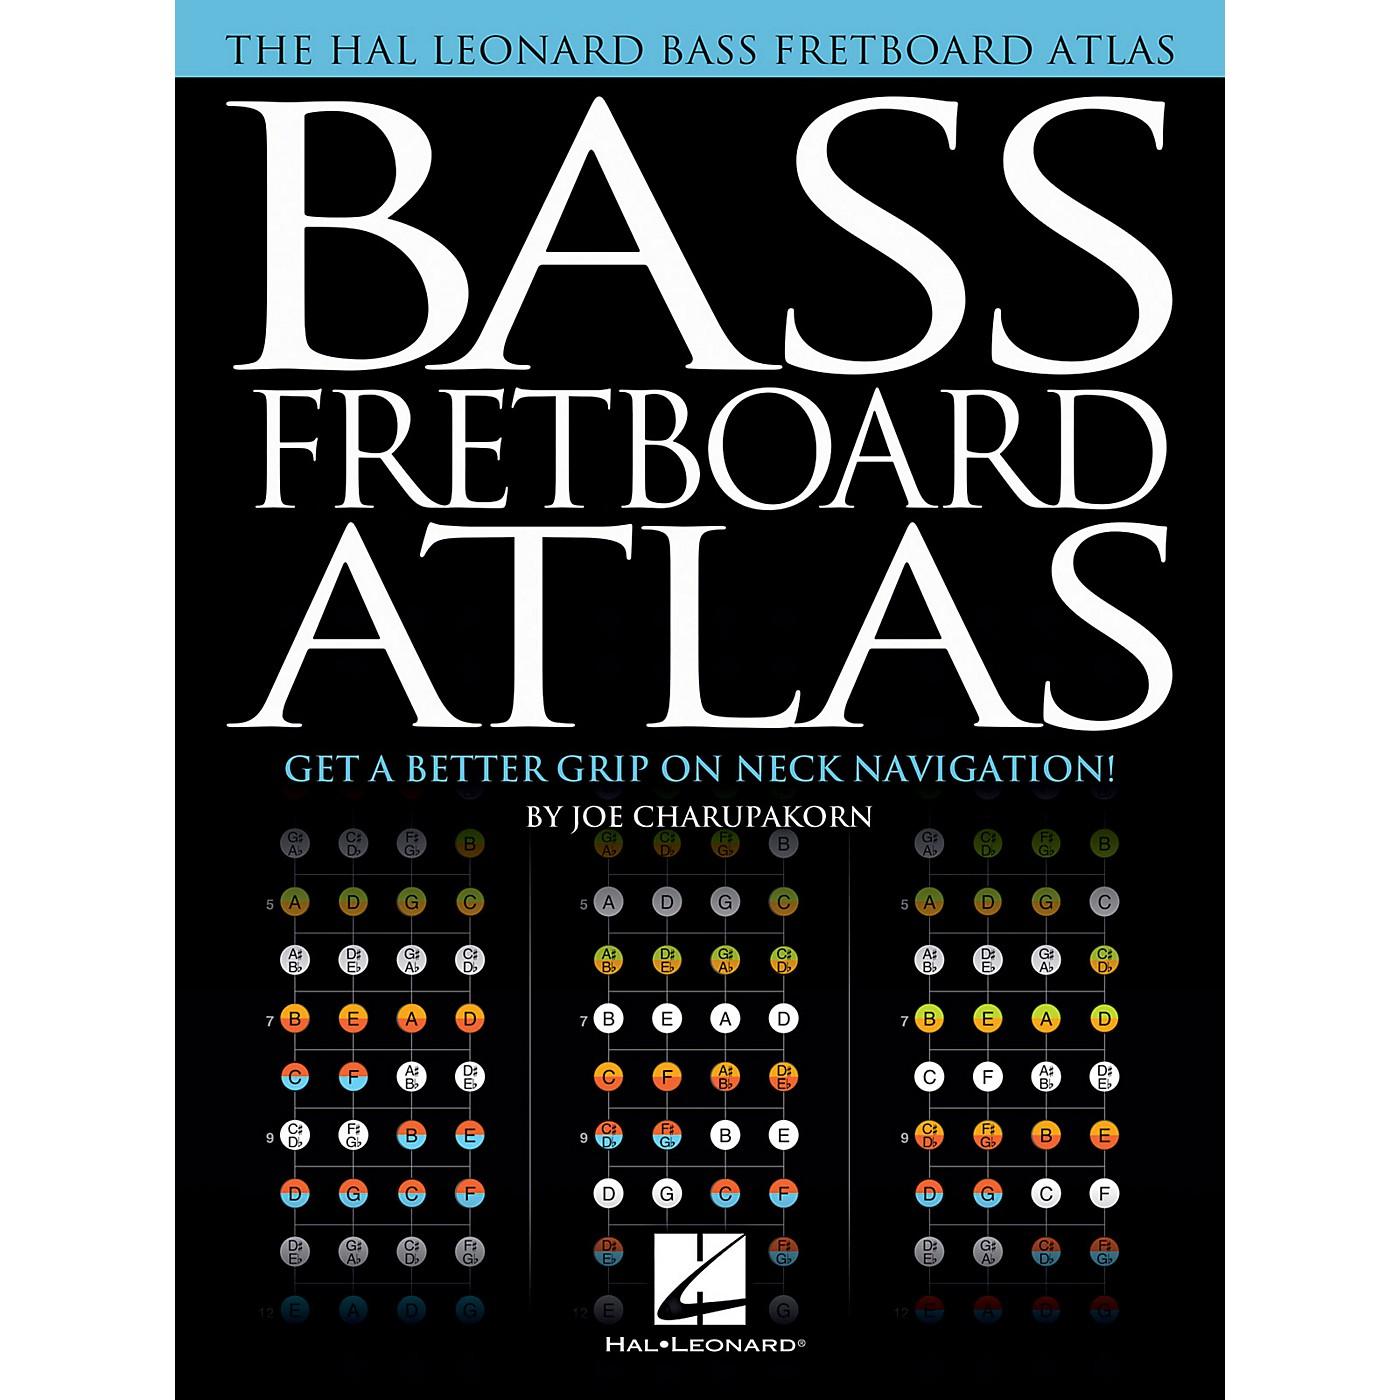 Hal Leonard Bass Fretboard Atlas - Get a Better Grip on Neck Navigation! thumbnail